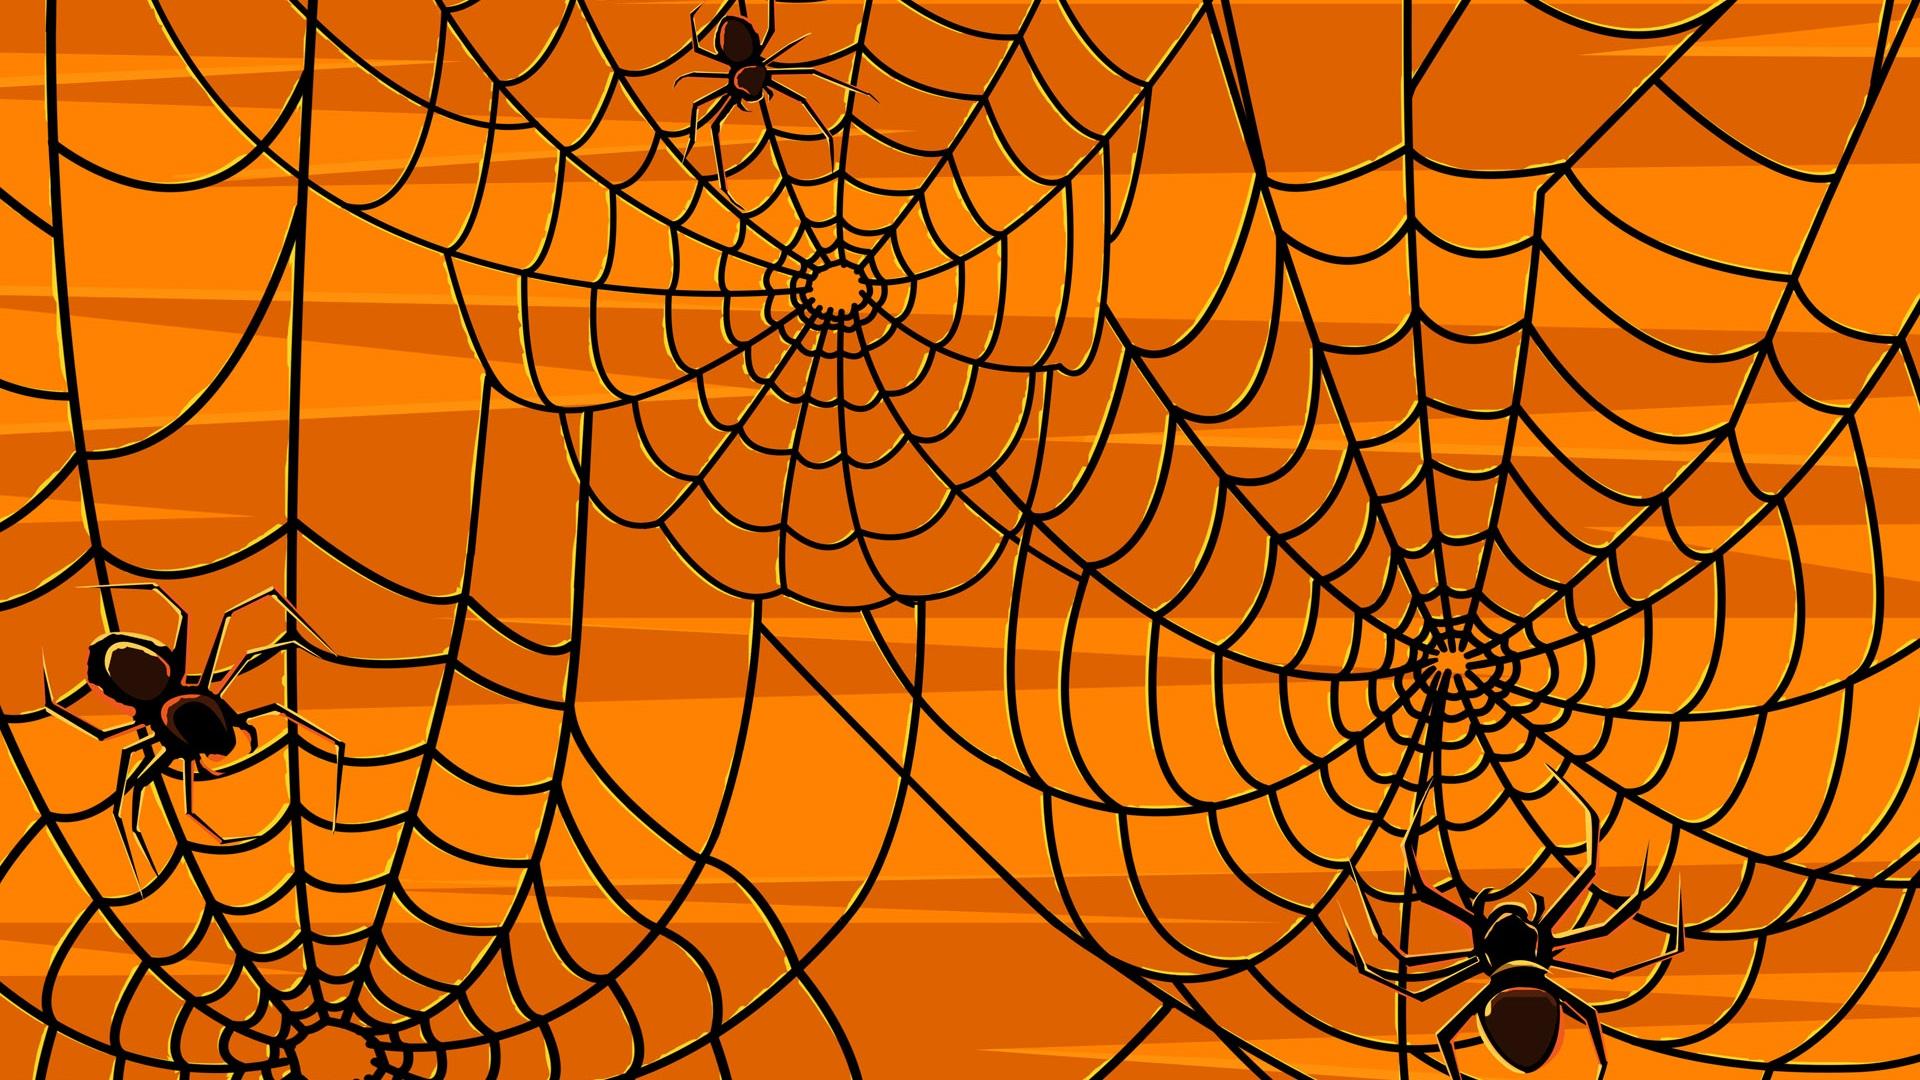 Halloween Wallpapers 1080p Flip Wallpapers Download 1920x1080